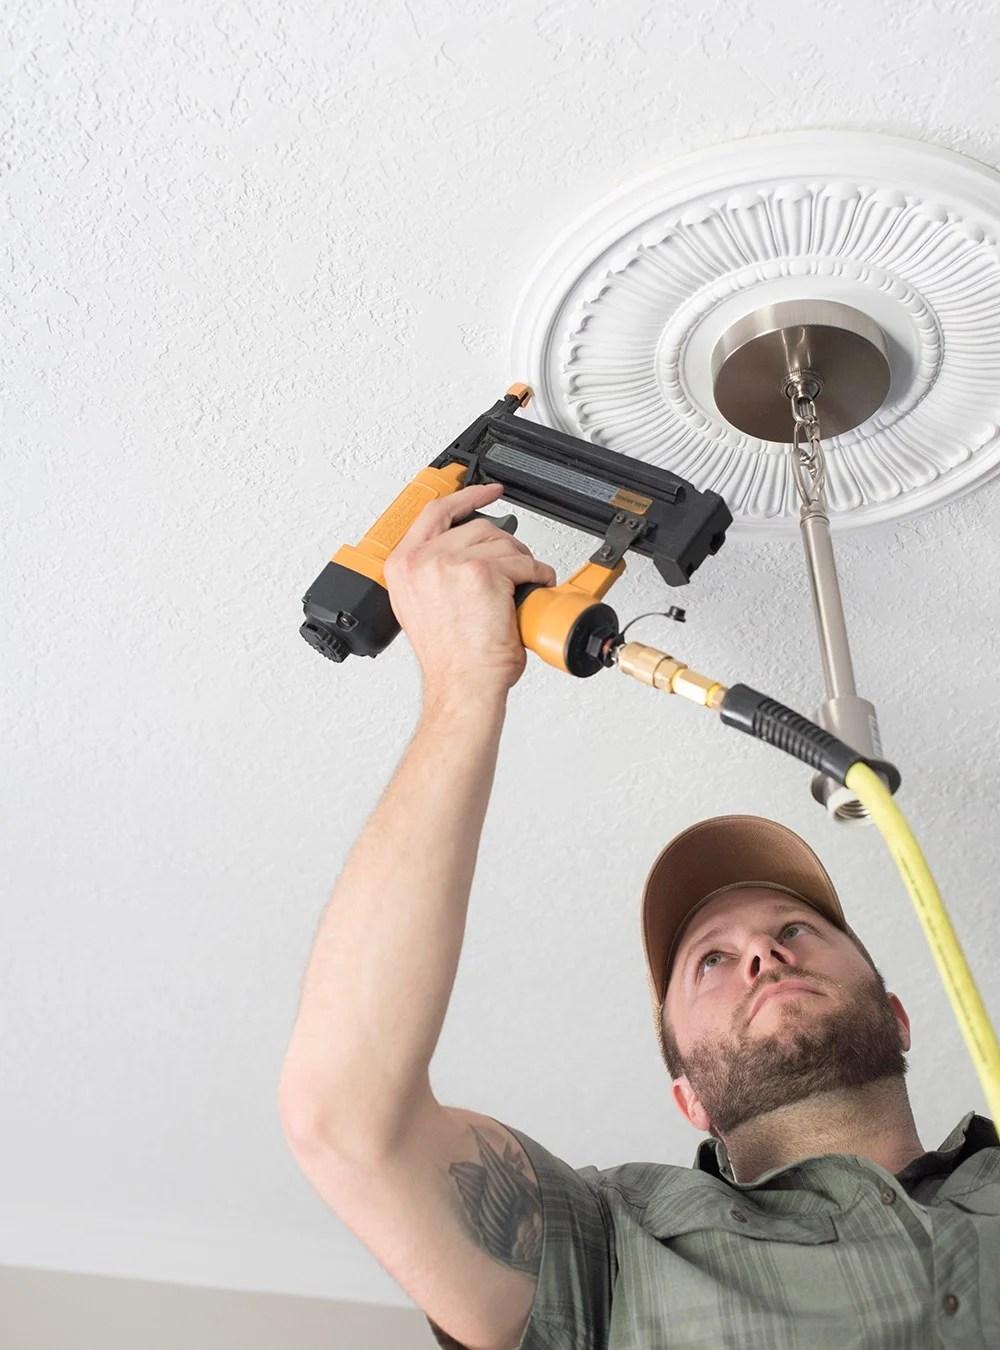 10 proračuna za kućne projekte i novčani savjeti - roomfortuesday.com